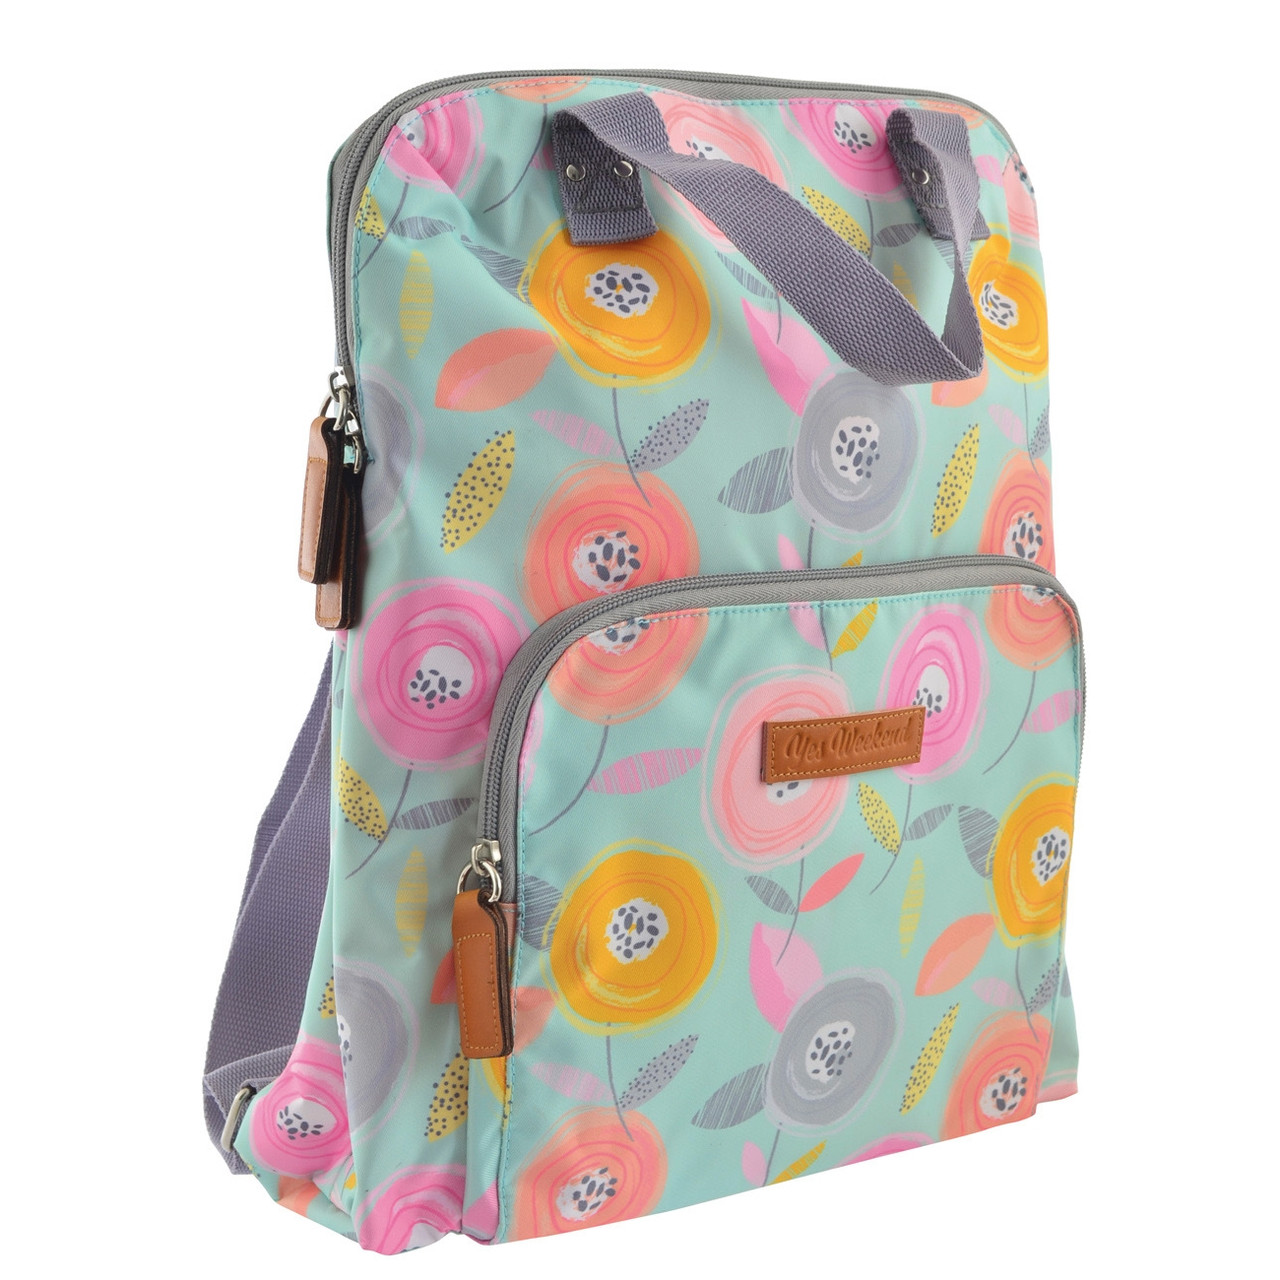 """Рюкзак молодежный YES ST-26 """"Daisy"""" для девушек бирюзовый с рисунком (сумка-рюкзак)"""